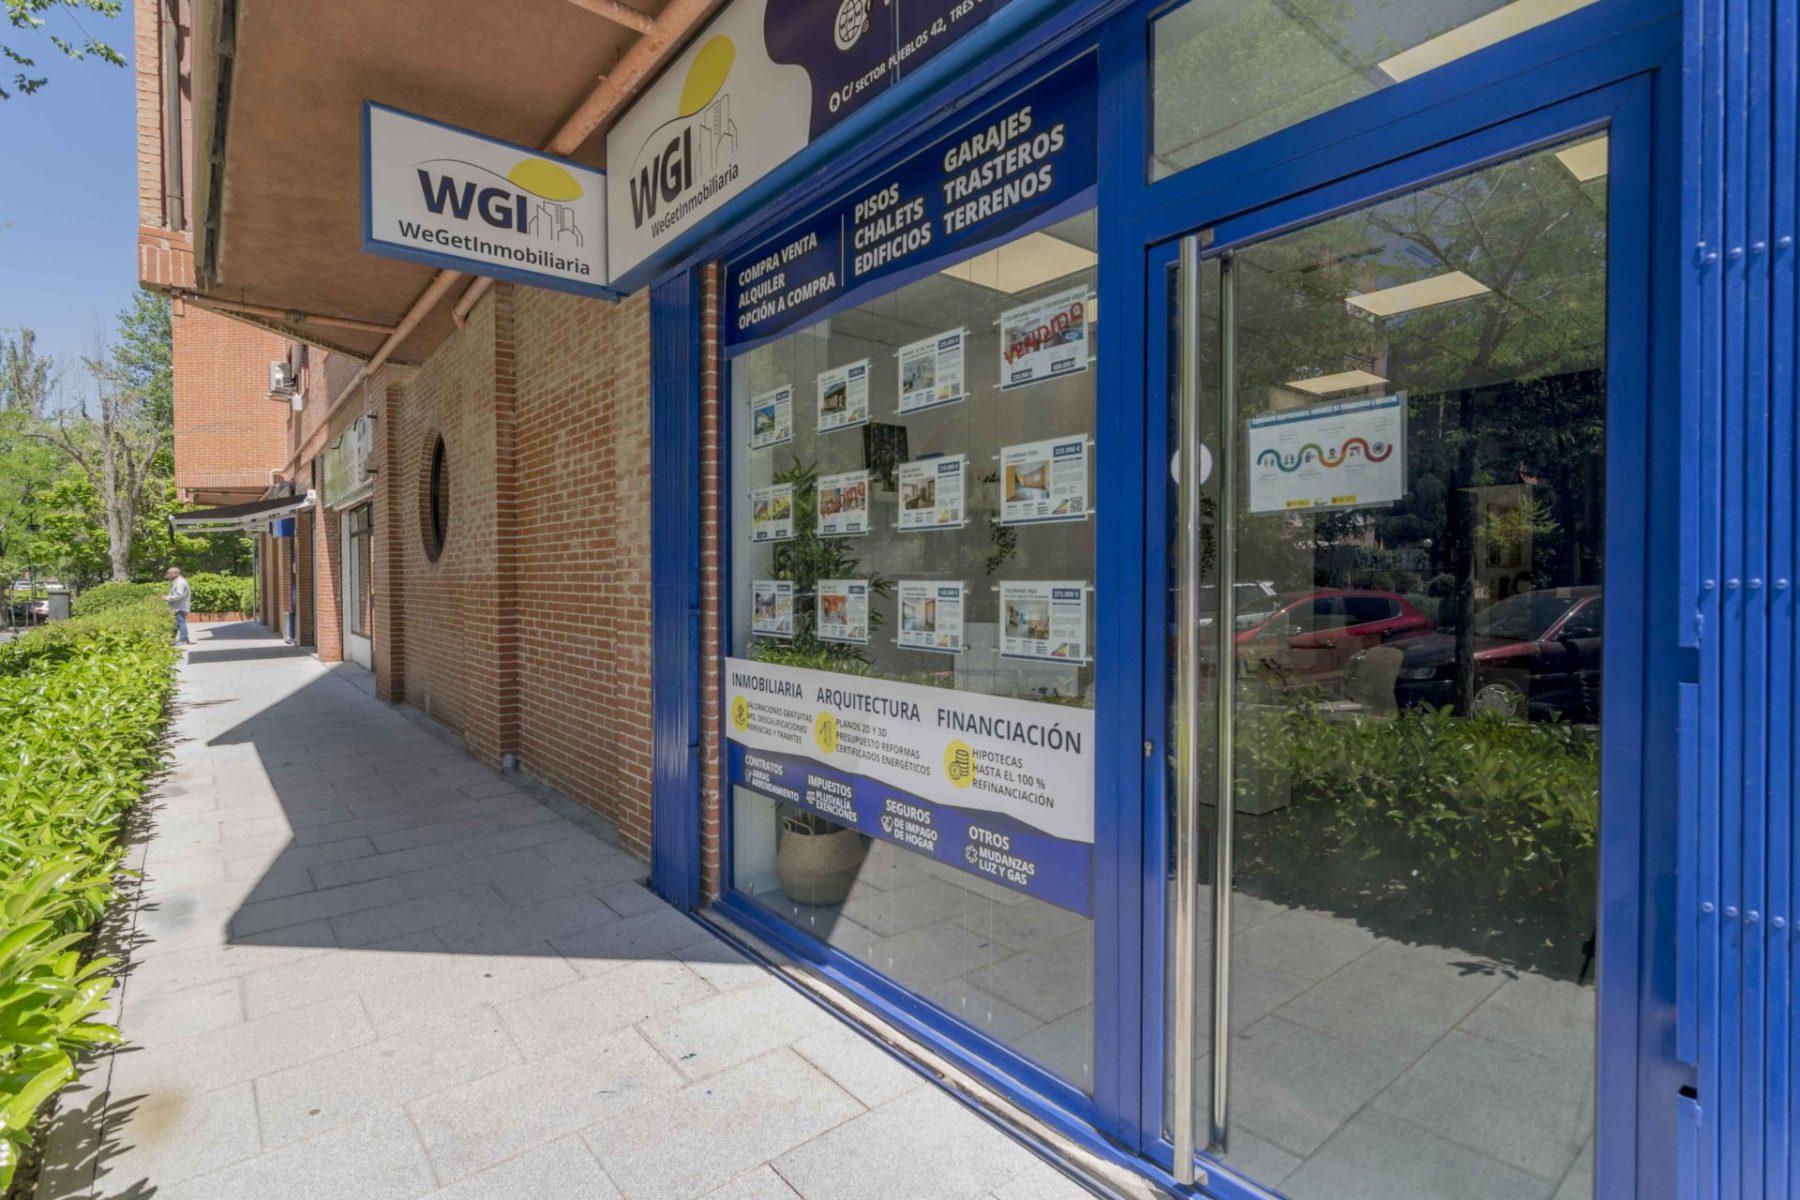 Norte Tres Cantos: Destacan a WeGet como la agencia tricantina que revoluciona el sector inmobiliario en el 2021